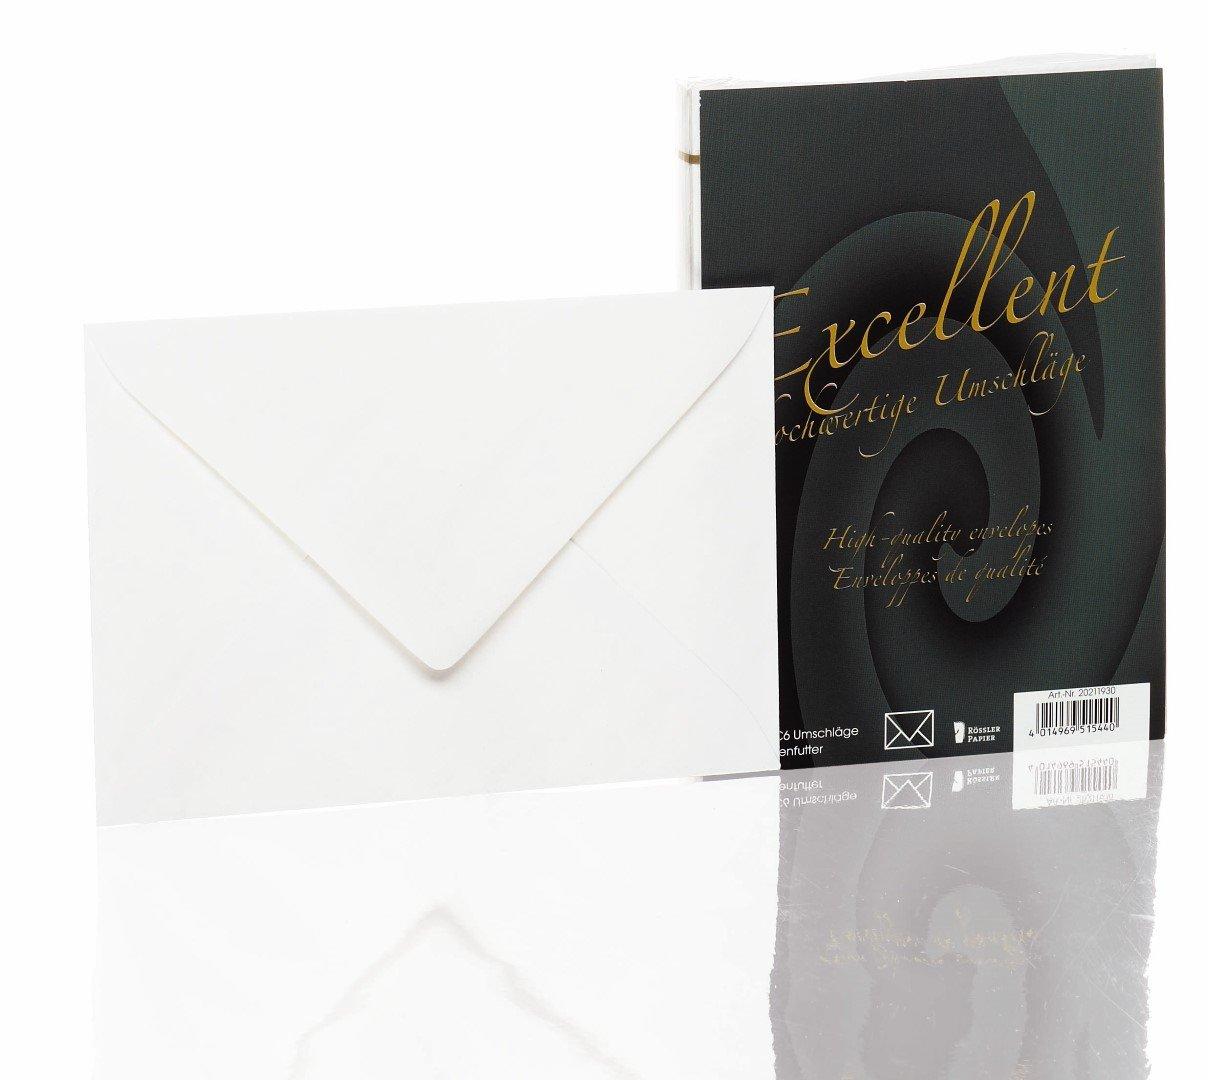 Rössler Papier - Bütten - Briefhüllen (25 Stück, C6) ivory ...